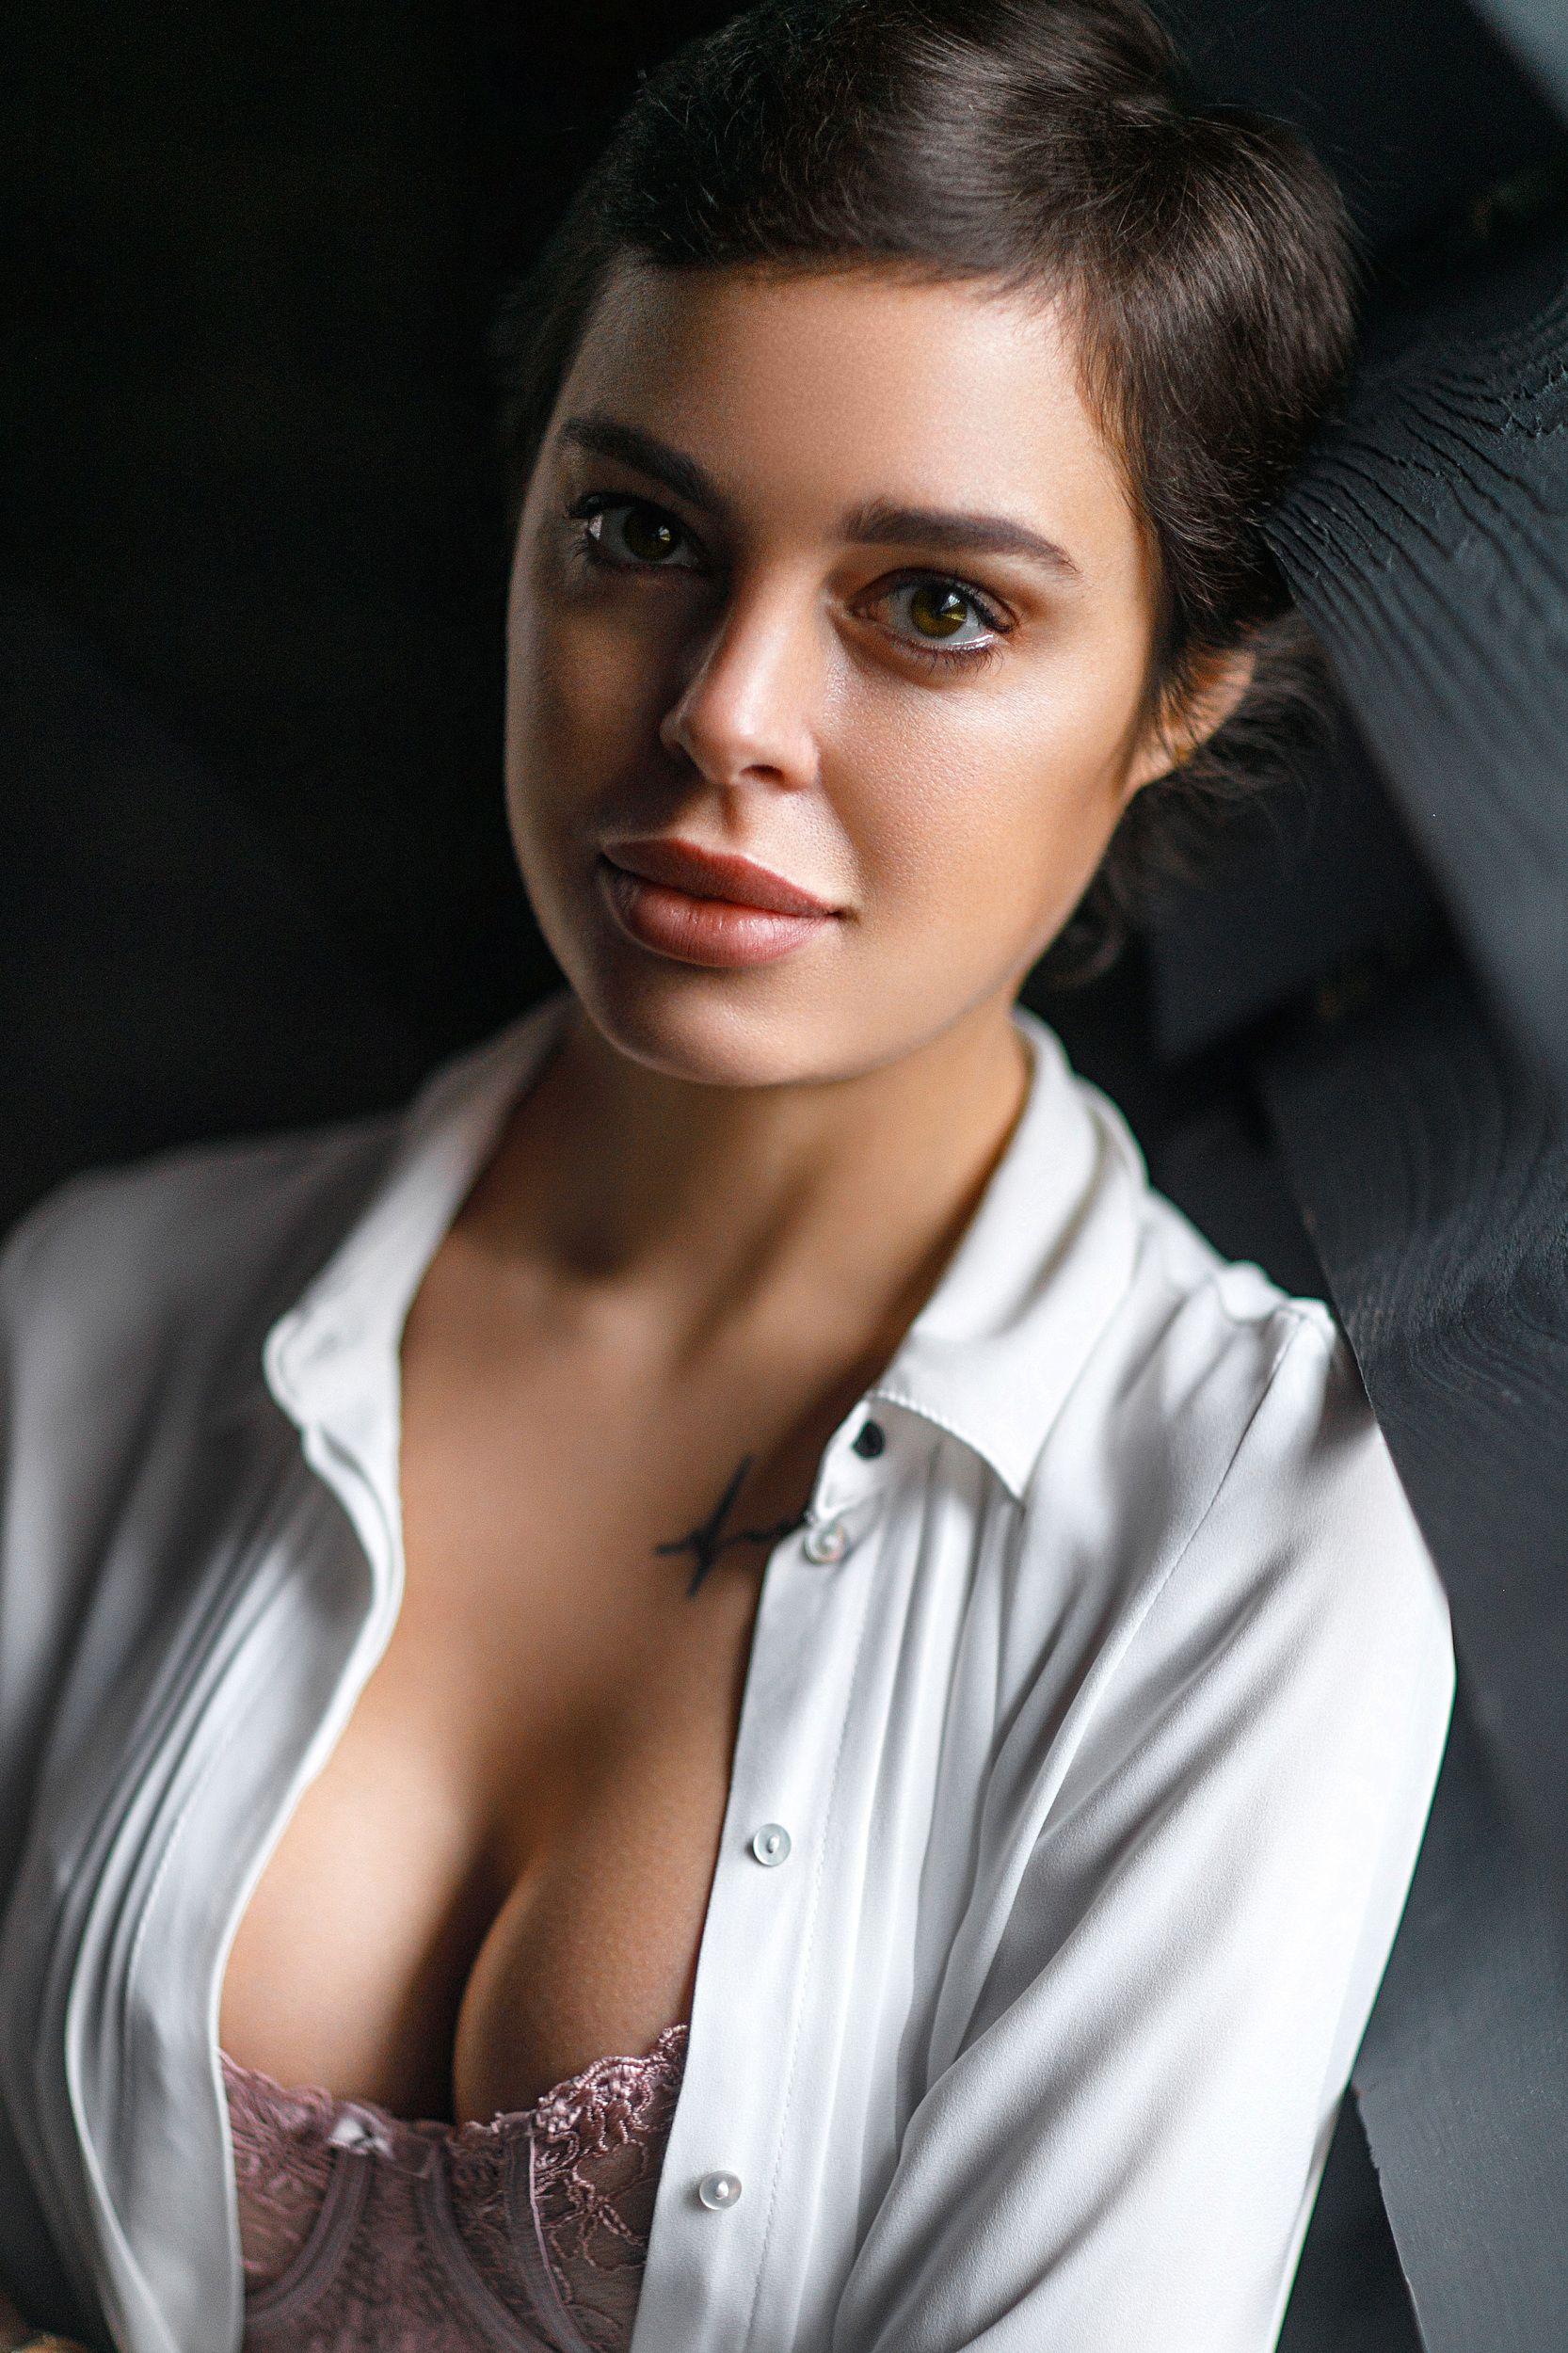 портрет девушка взгляд portrait белье красиво, Герасимов Михаил